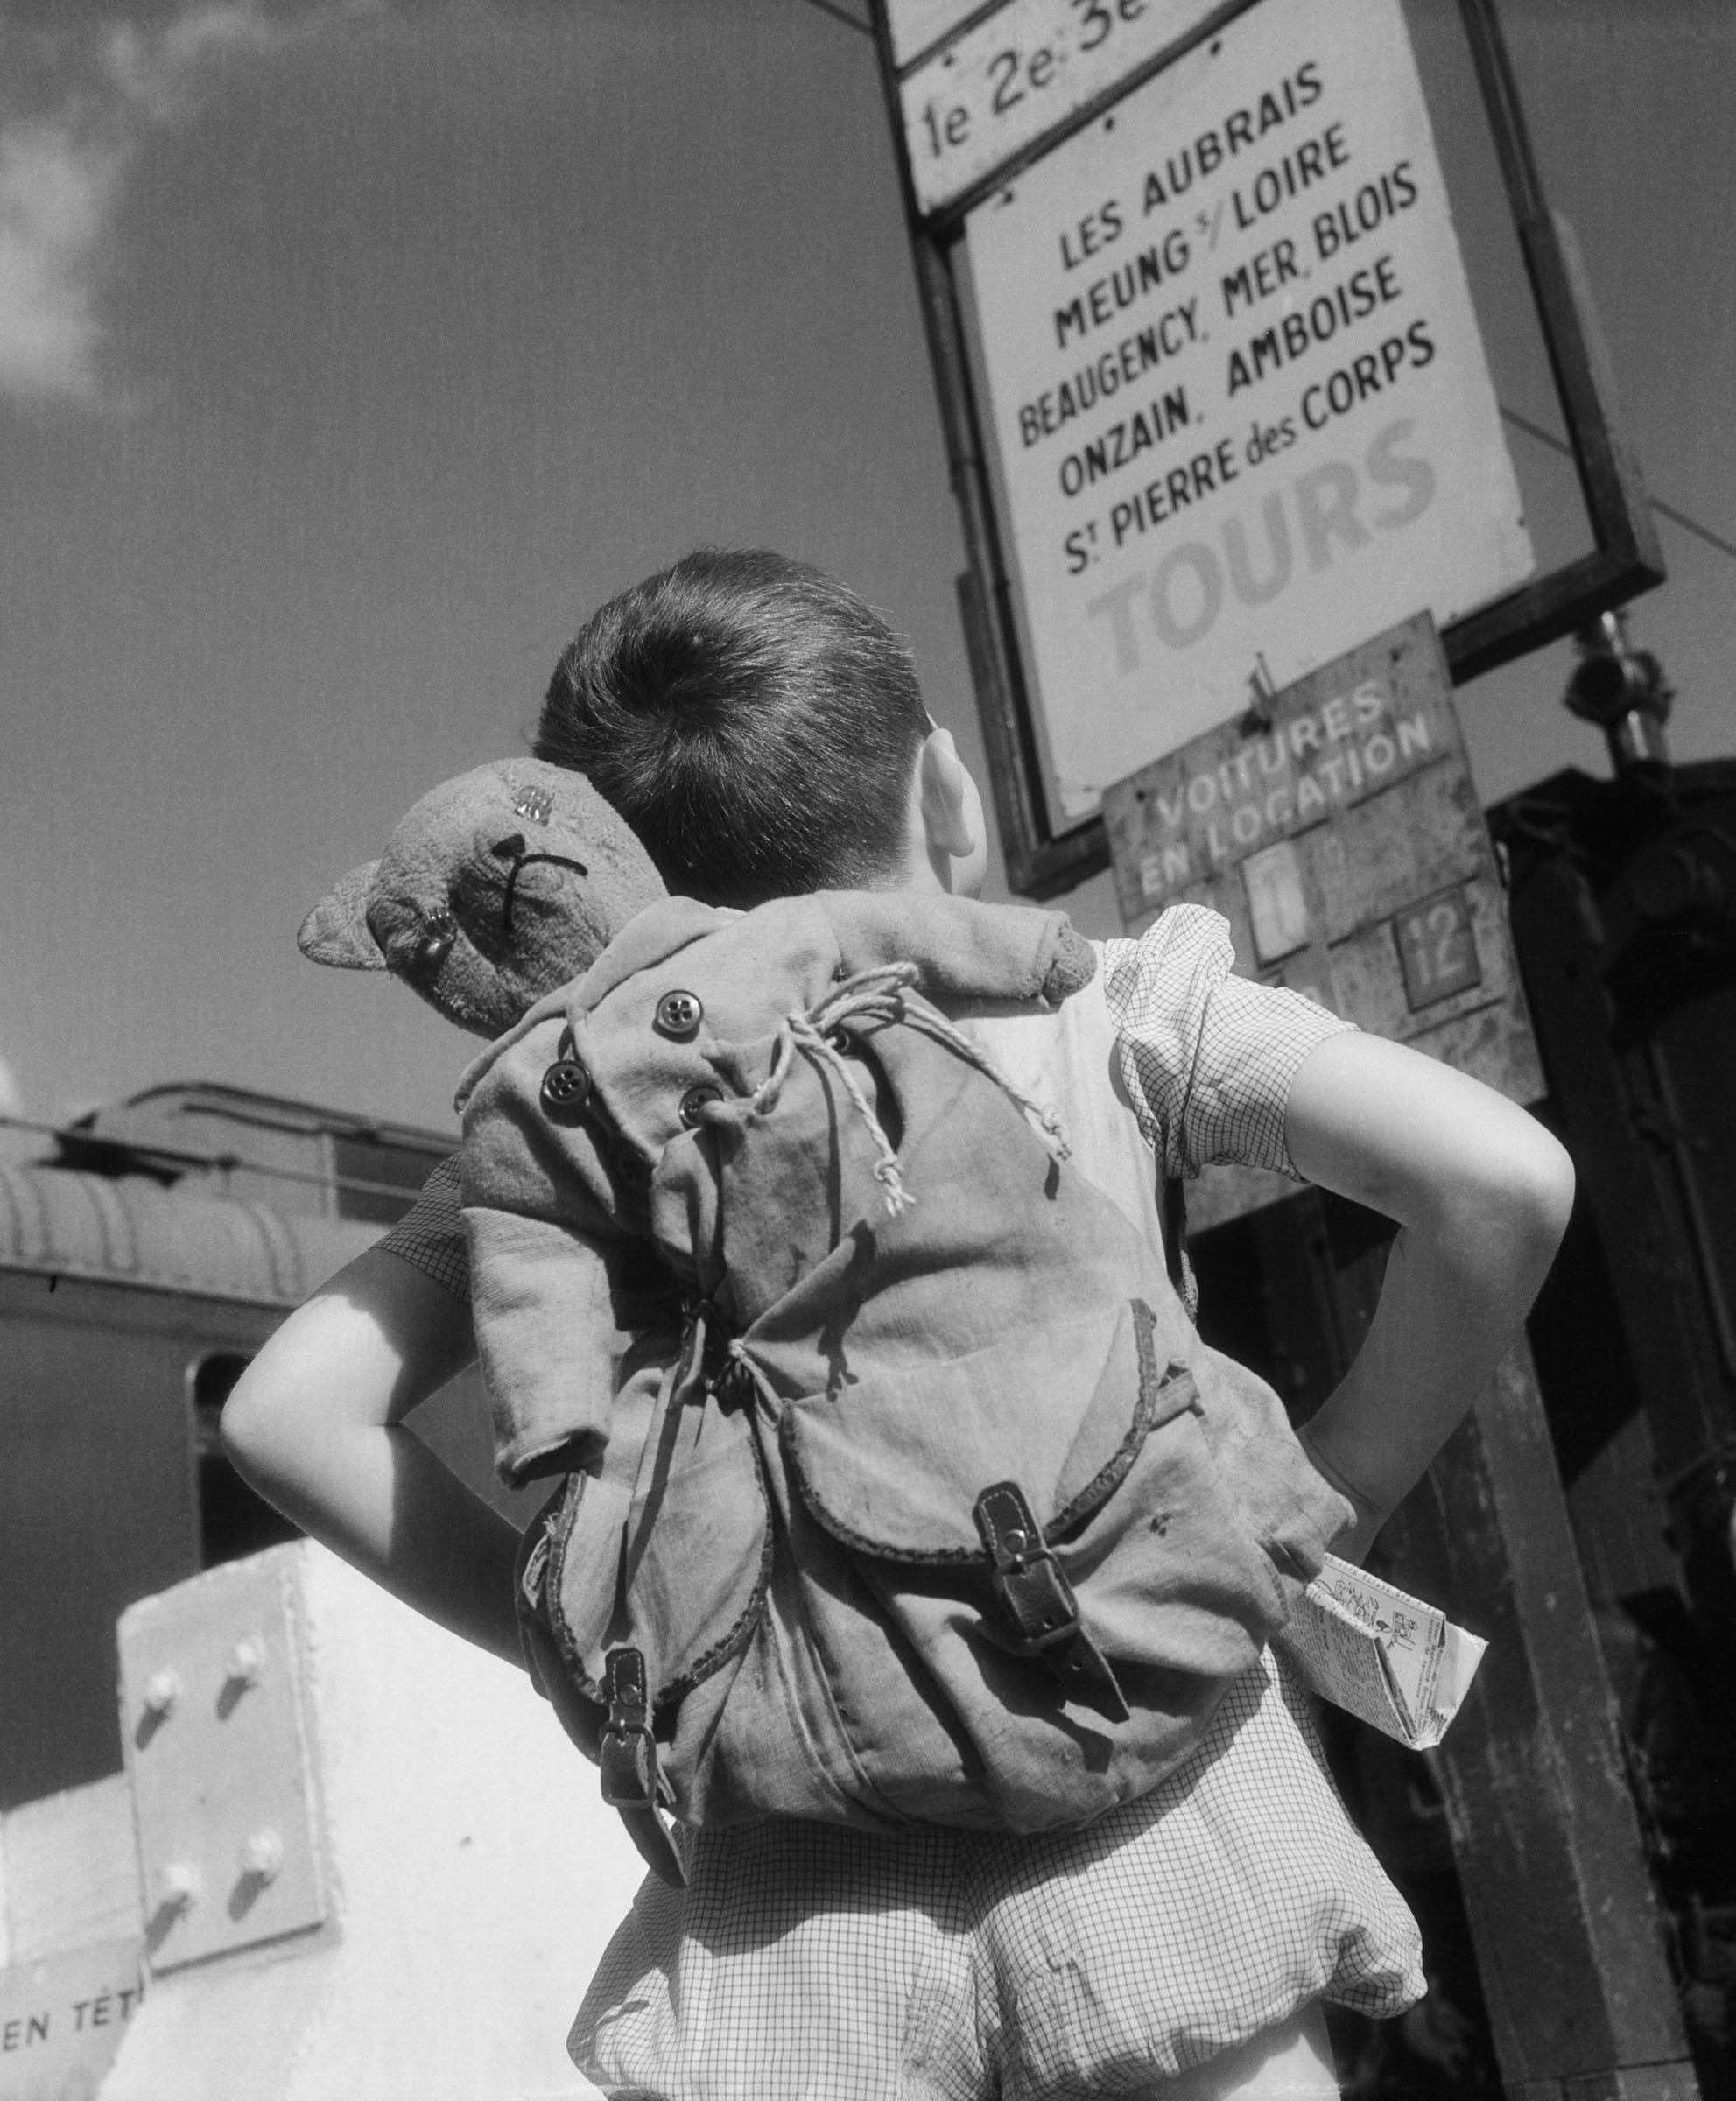 Storia della Fotografia: Willy Ronis